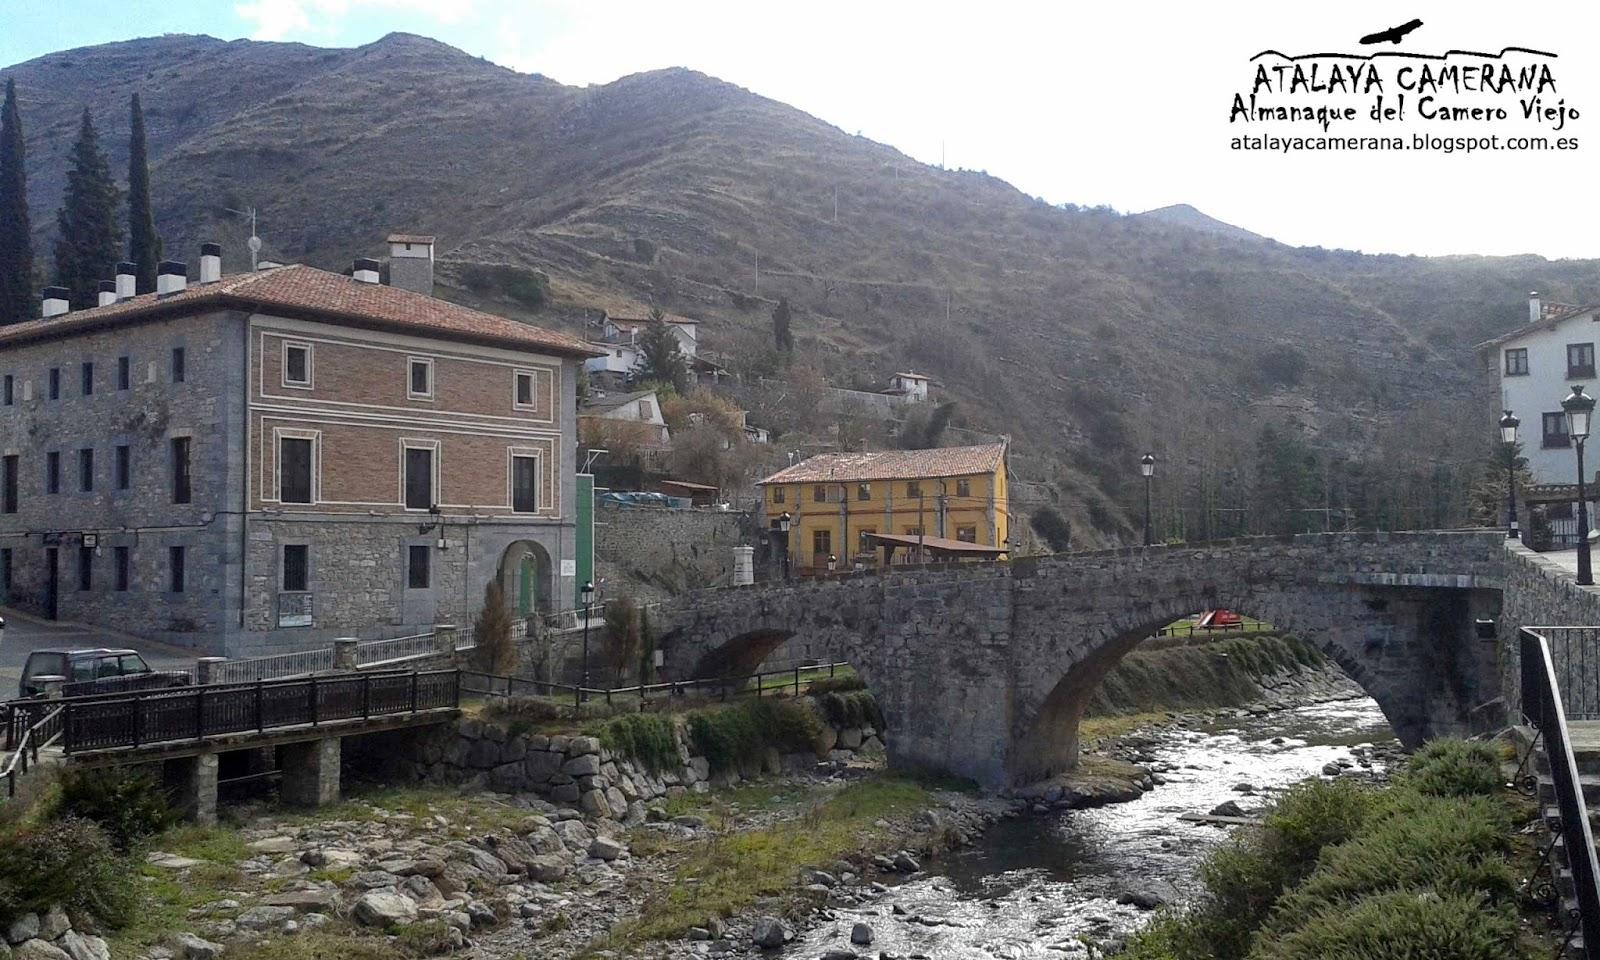 Soto en Cameros: Puente sobre el río Leza y Edificio de las Escuelas